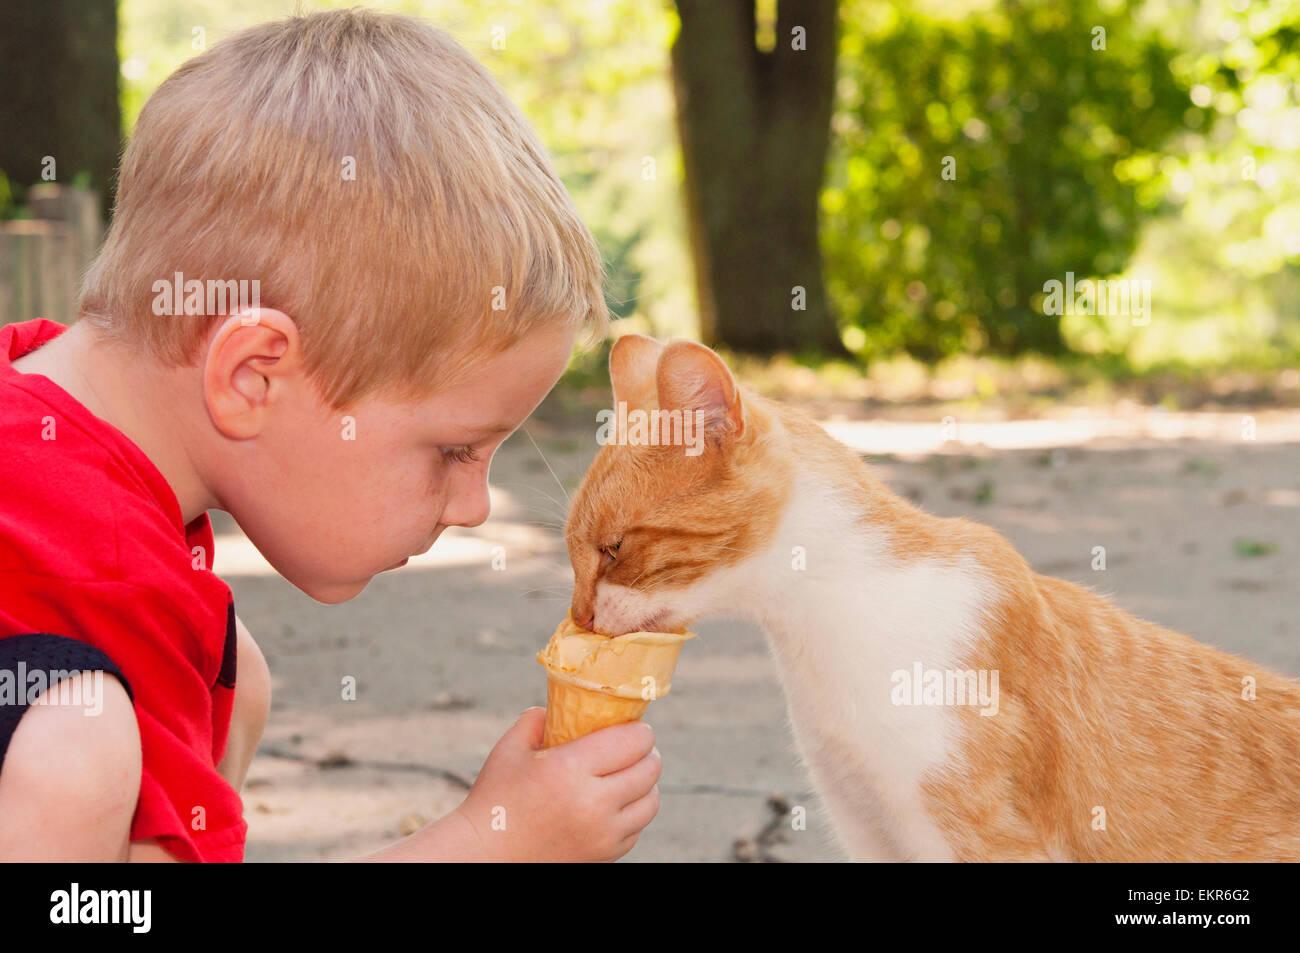 Alimentazione bambino gatto il suo cono gelato Immagini Stock